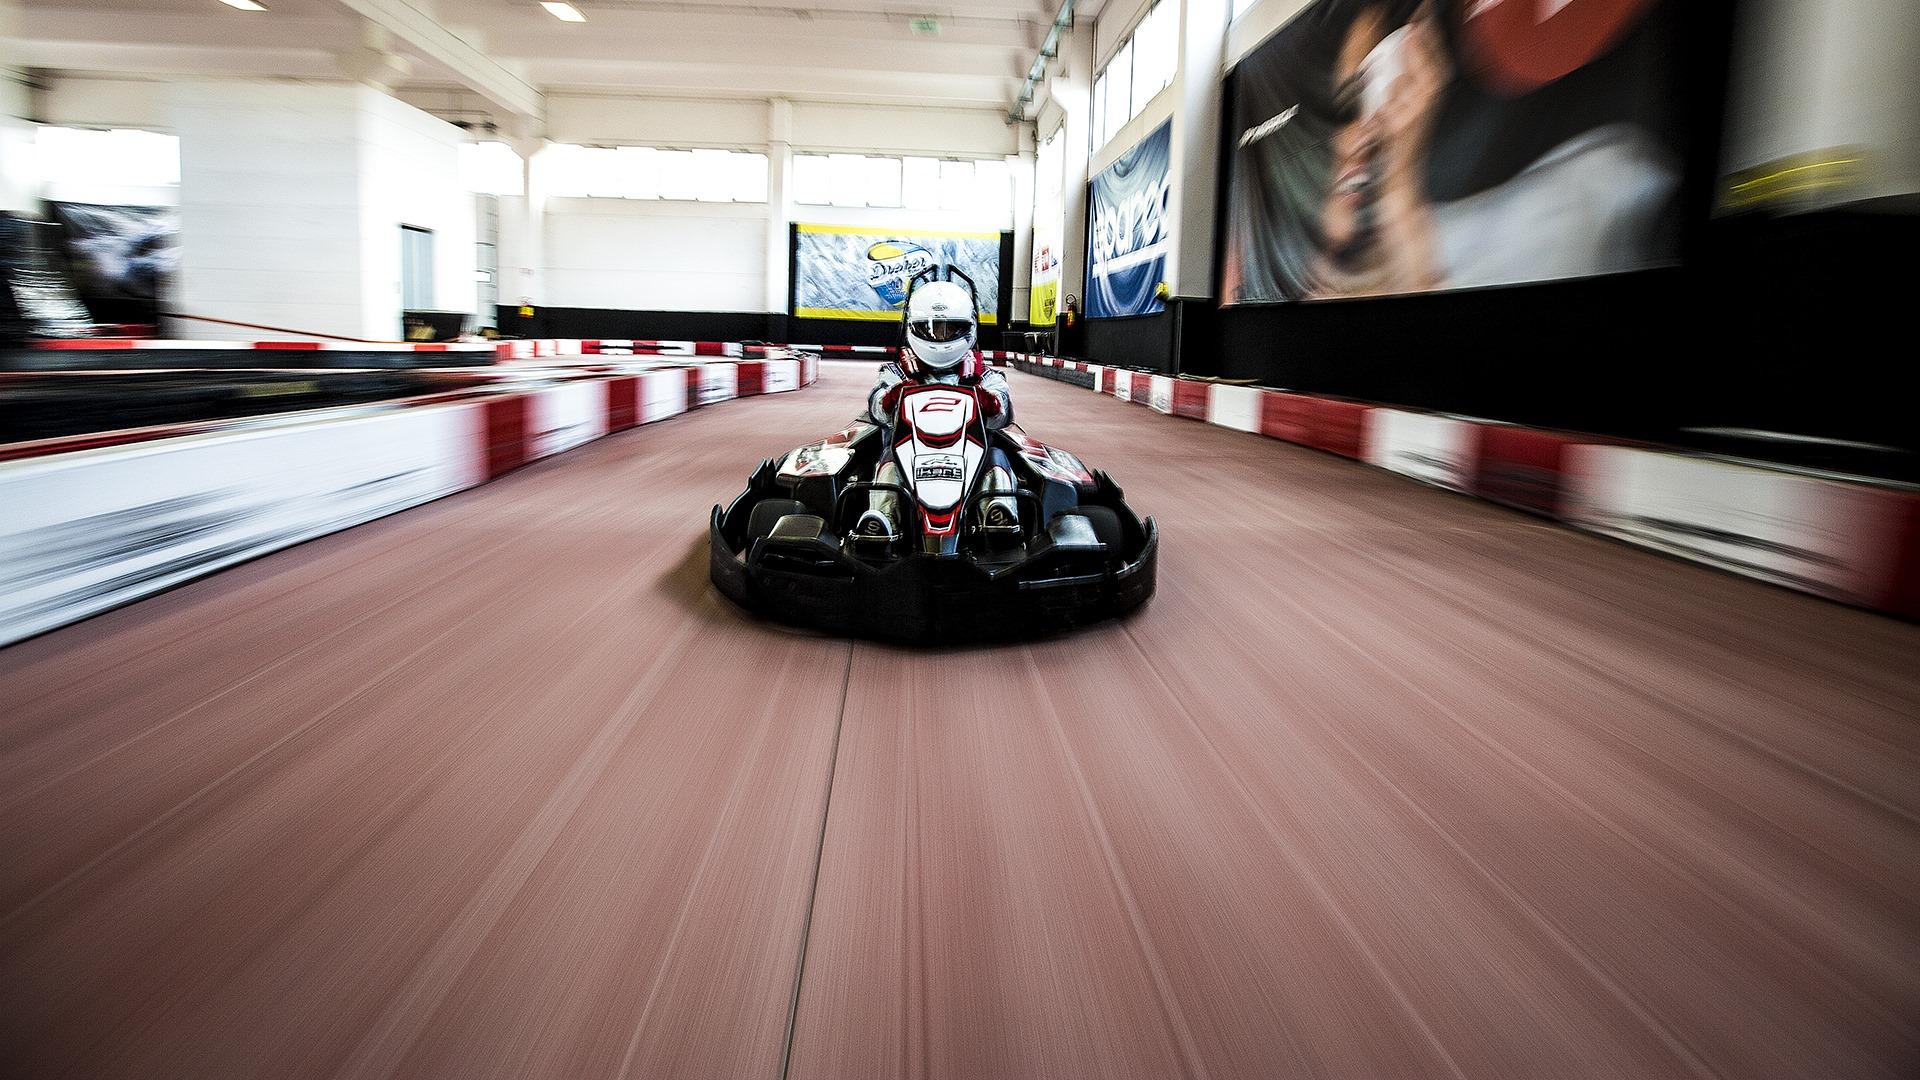 Go kart elettrici con potenza superiore ai motori classici delle altre piste